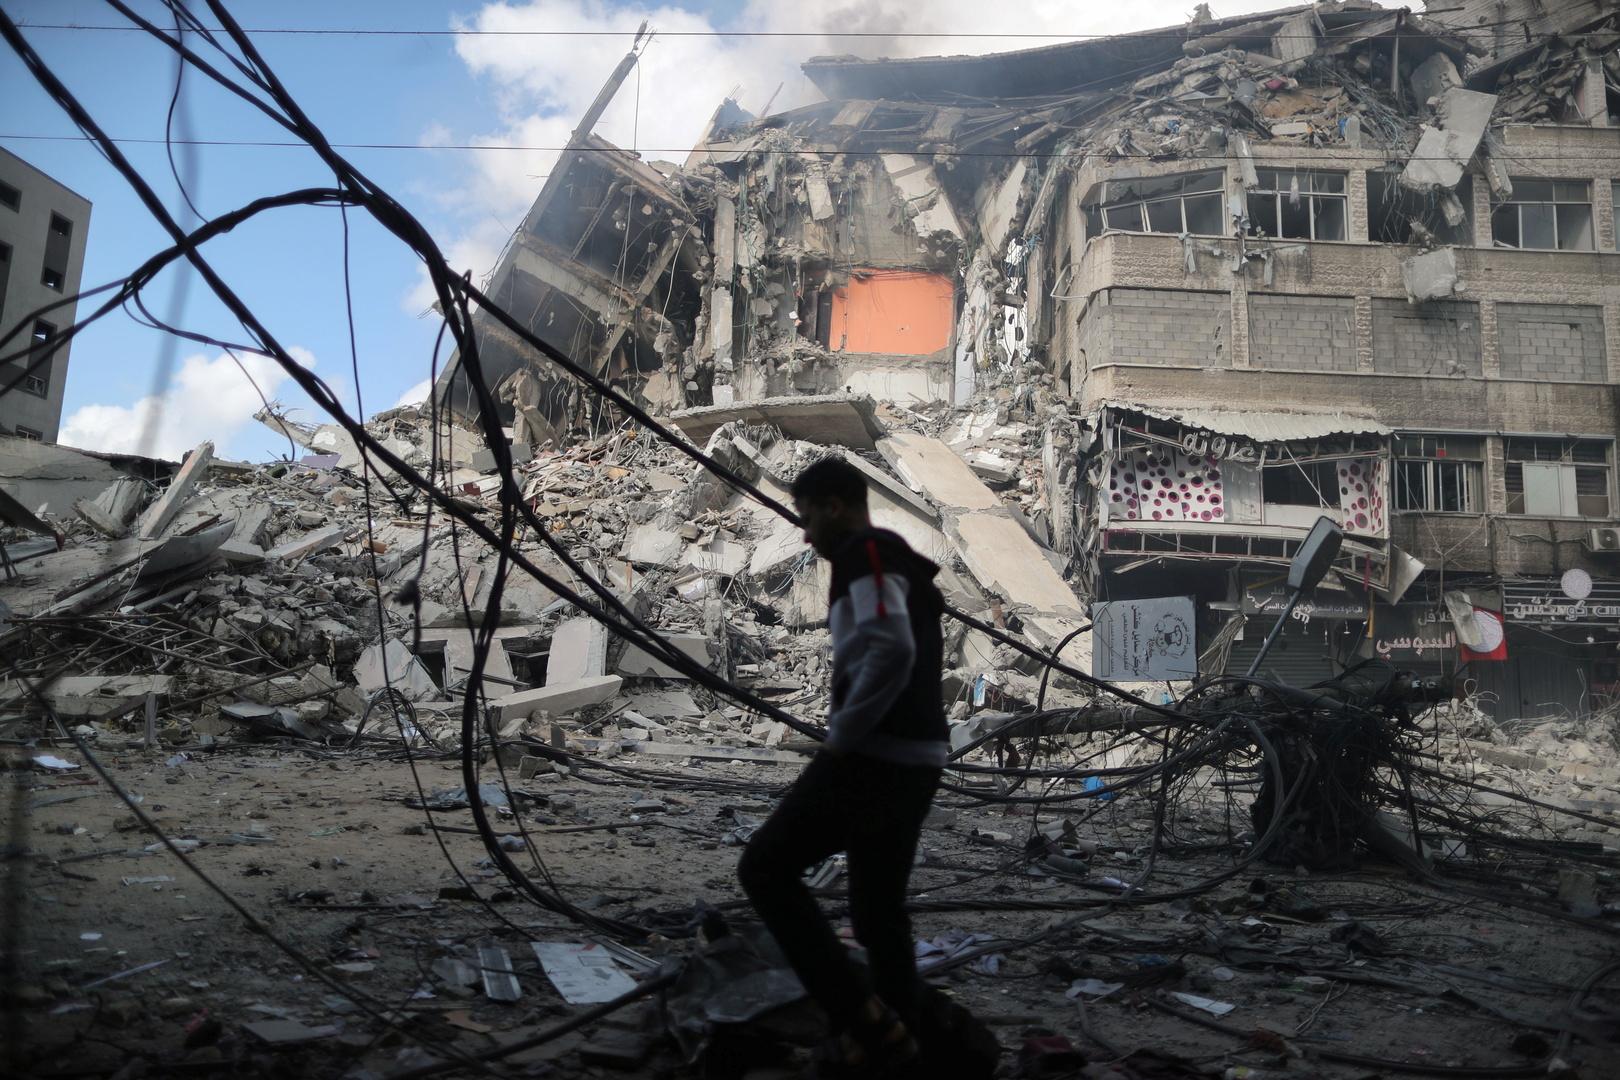 إيران تدعو المسلمين لاتخاذ موقف موحد دفاعا عن الحق الفلسطيني